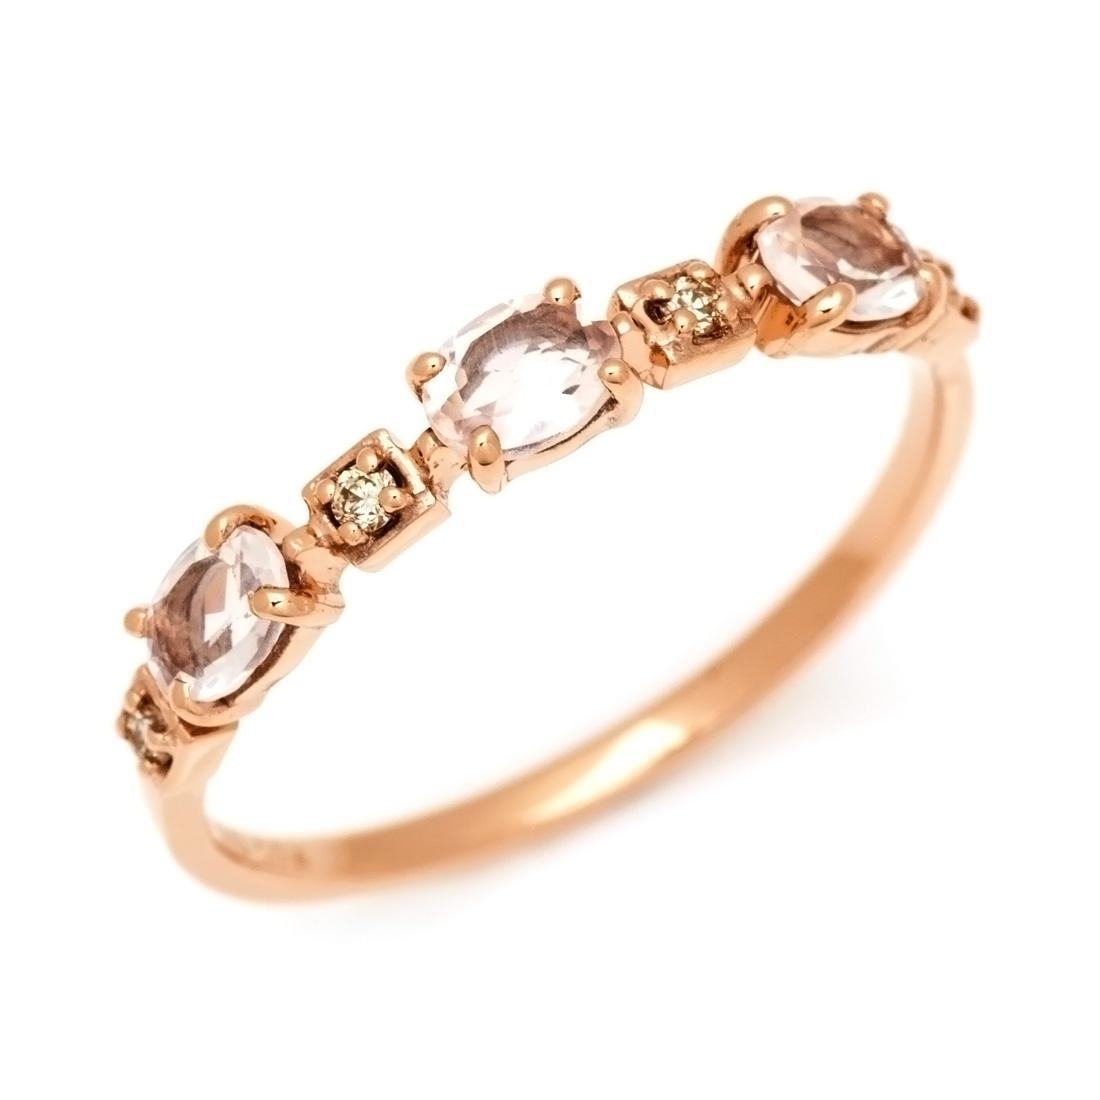 【GWクーポン配布中】K10 ローズクォーツ ダイヤモンド リング 「purezza」送料無料 指輪 ゴールド 18K 18金 ダイアモンド 刻印 文字入れ メッセージ ギフト 贈り物 ピンキーリング対応可能